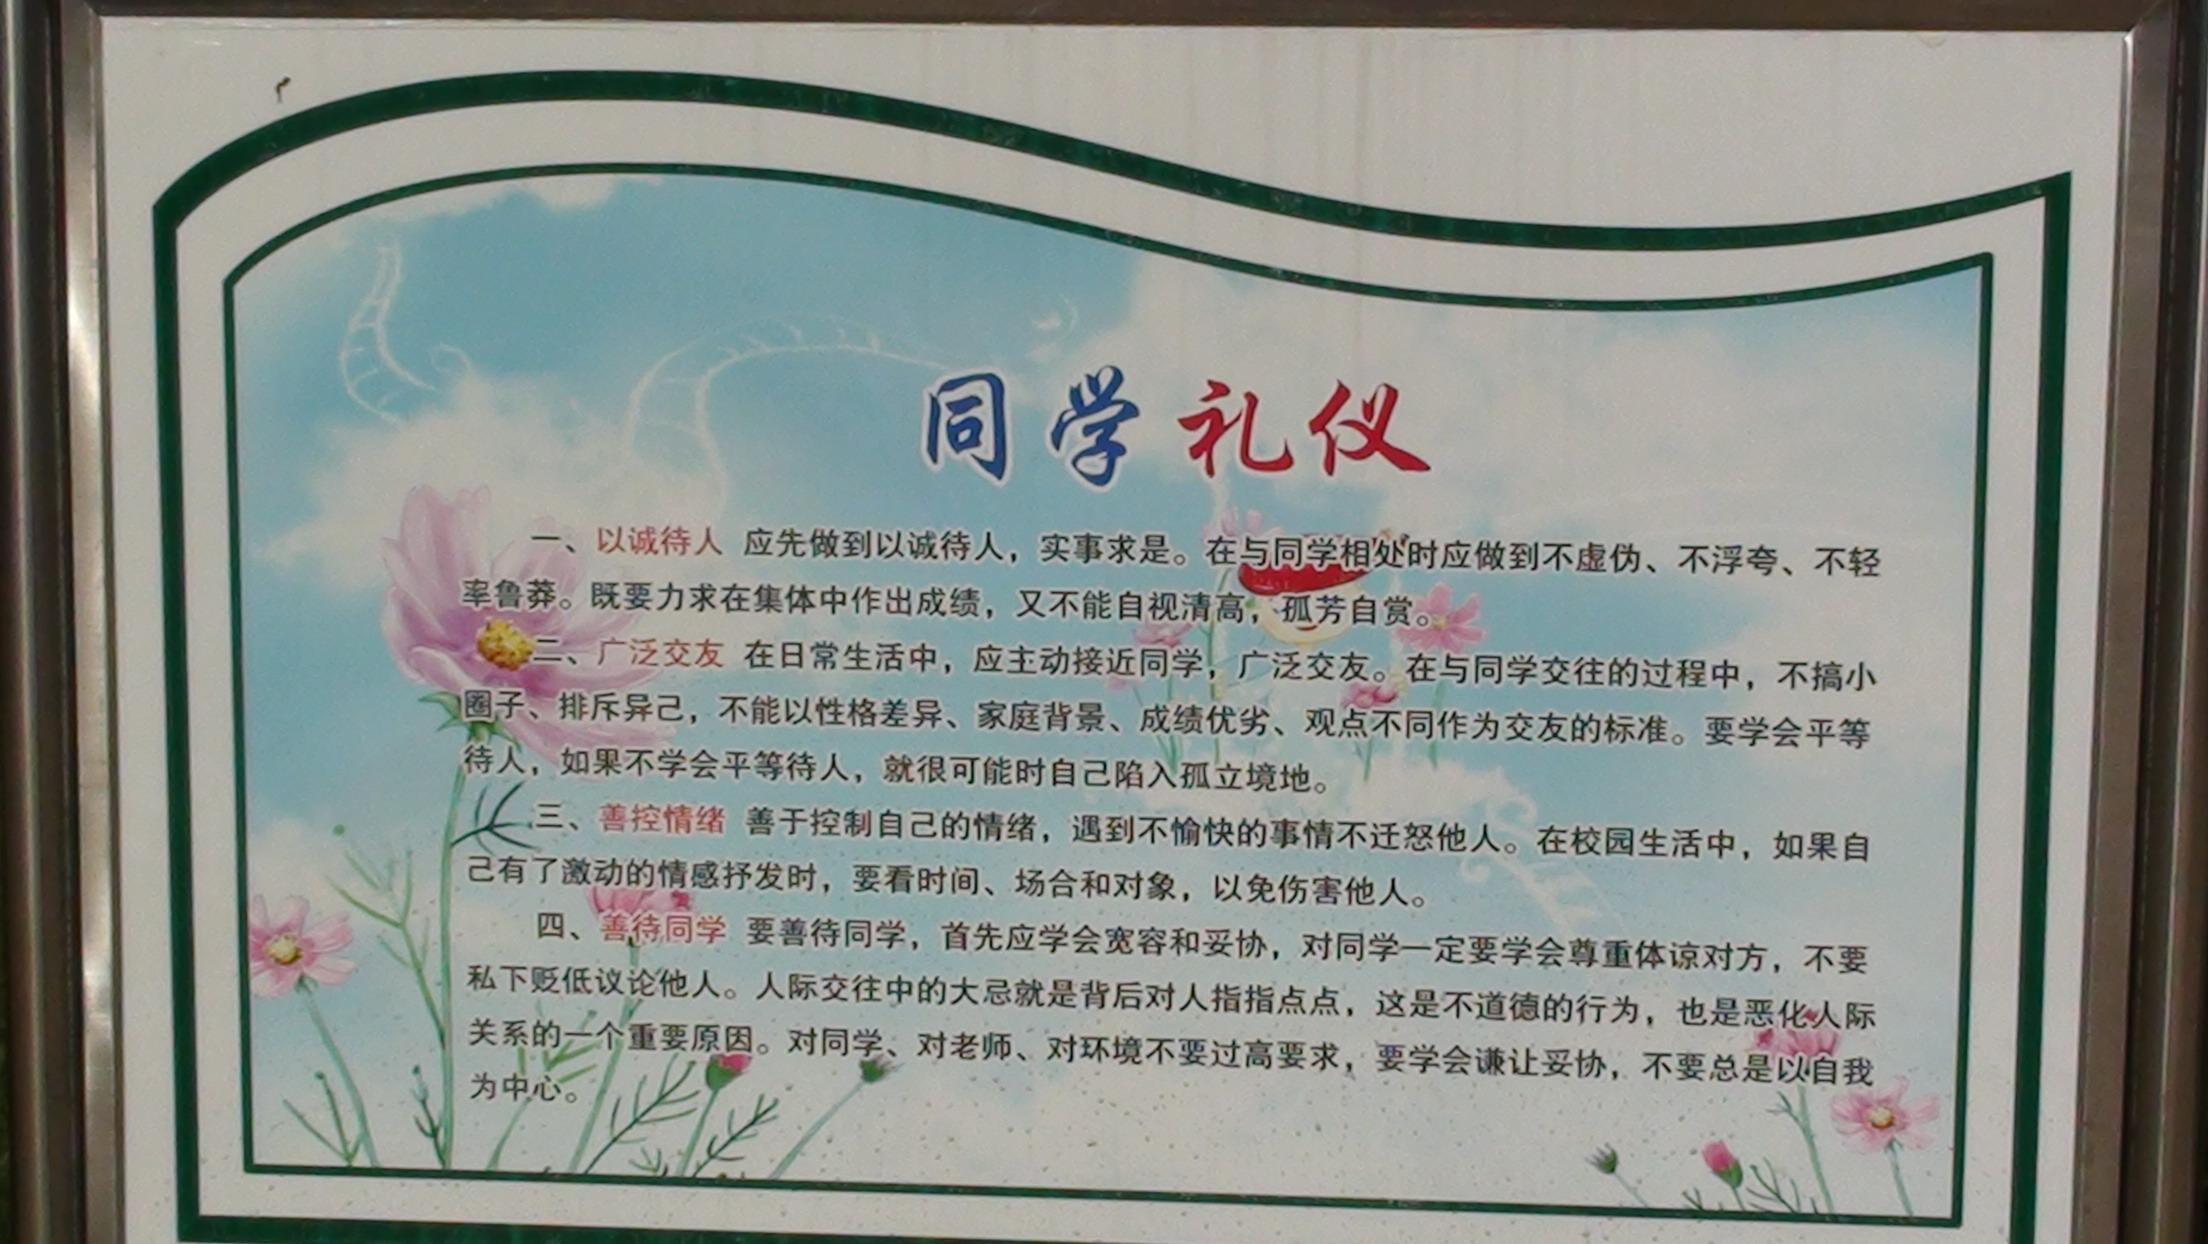 文明礼仪教育 - 红领巾相约中国梦动态上传 - 活动